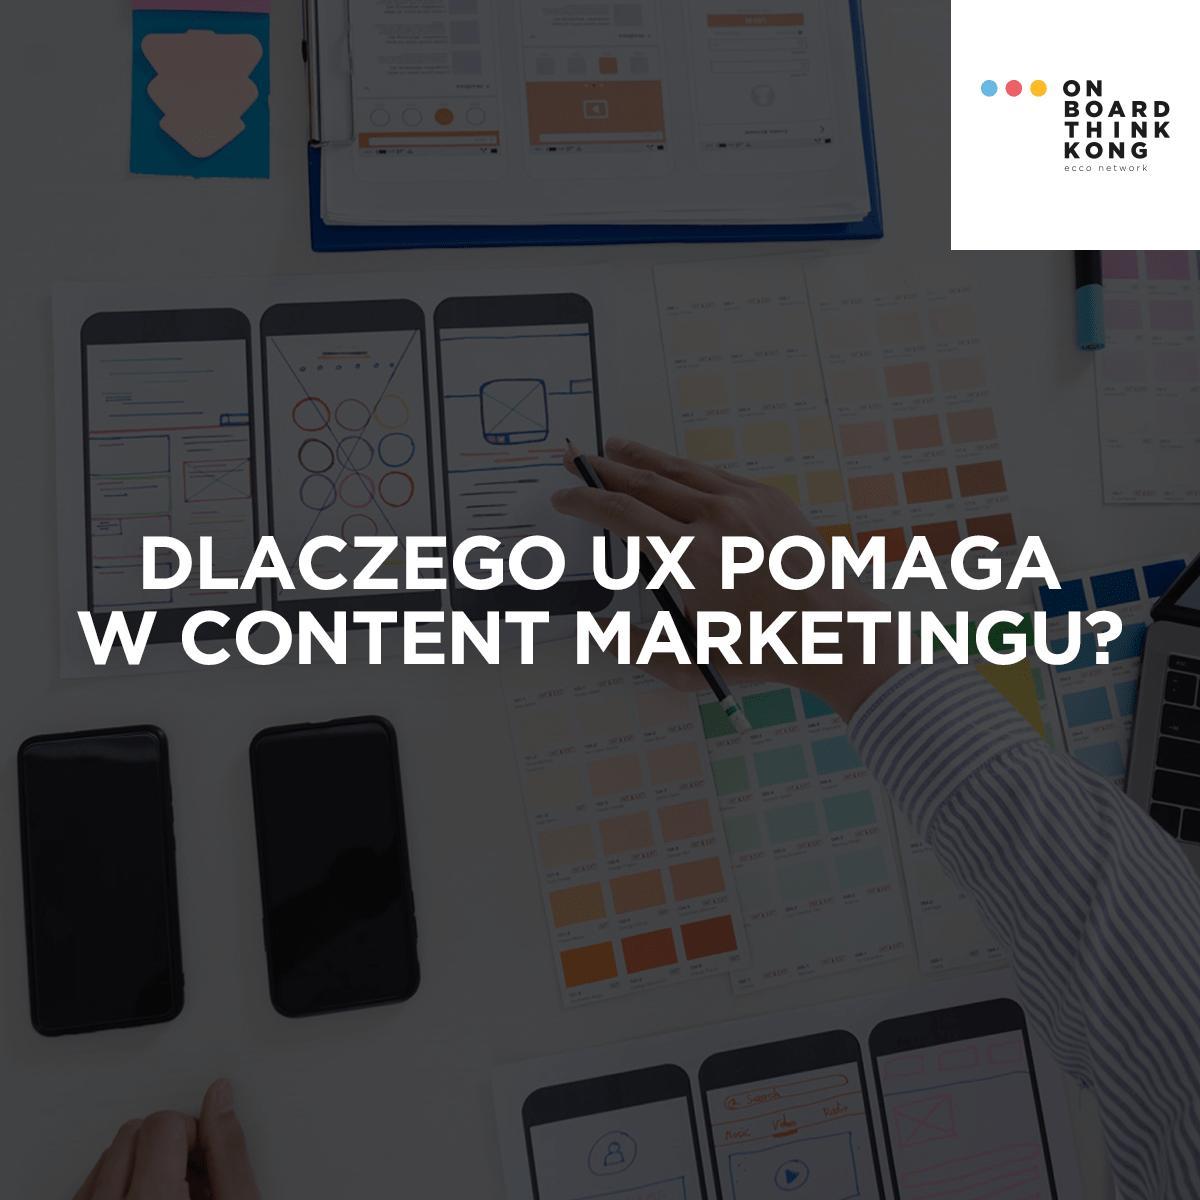 Dlaczego UX pomaga w content marketingu?